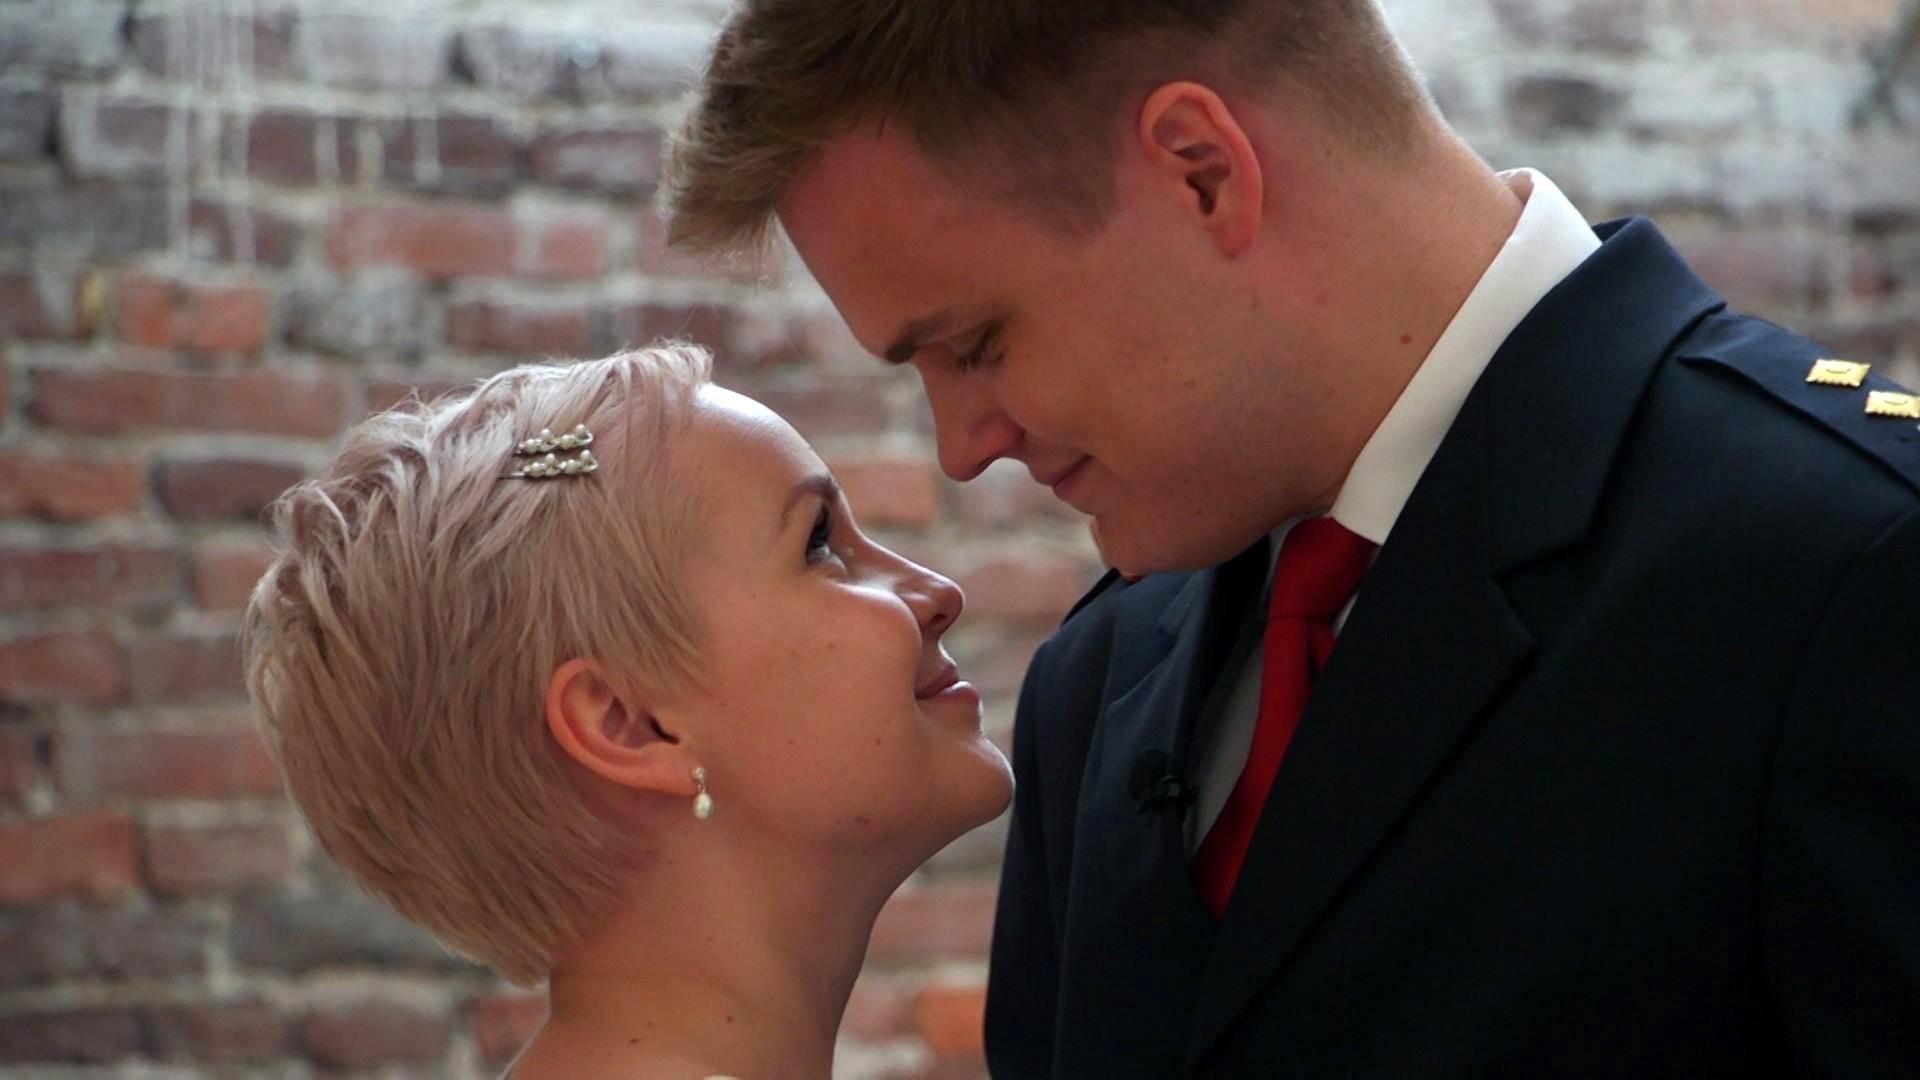 uskottomuus dating site jatkaa dating avio liiton solmimisen jälkeen